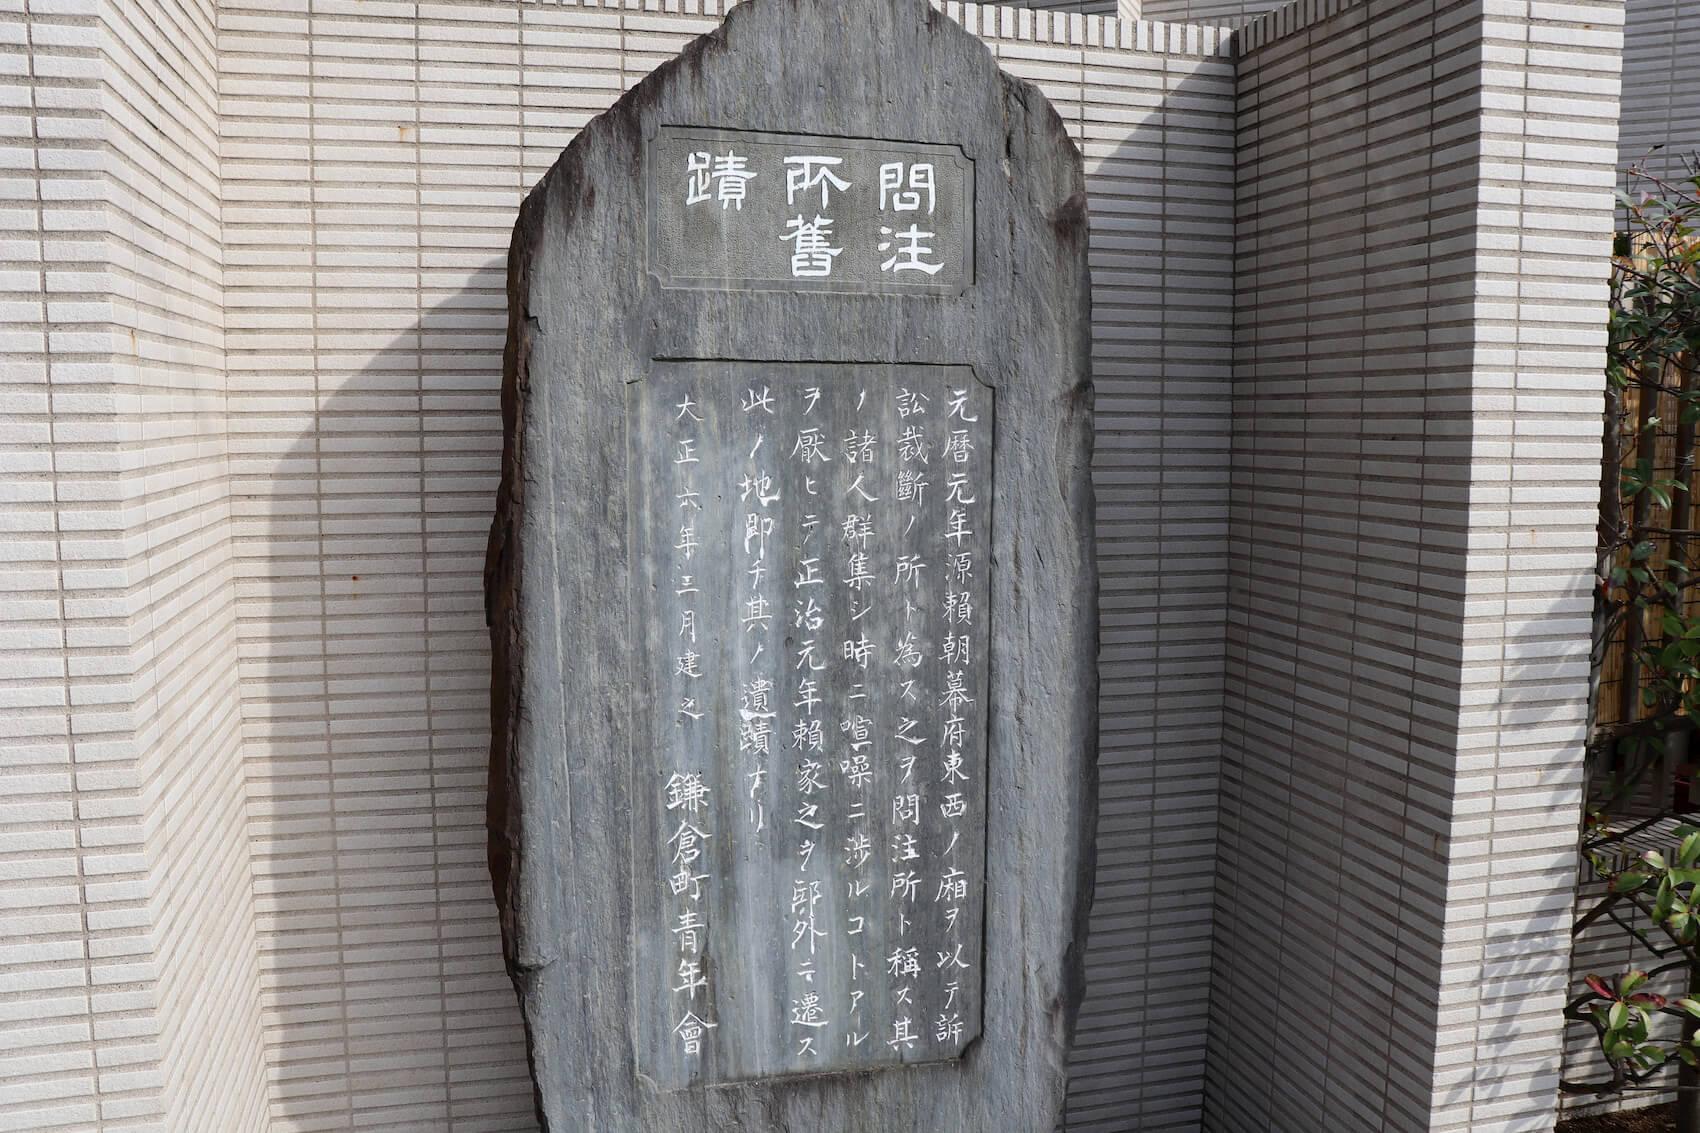 鎌倉の問注所の石碑